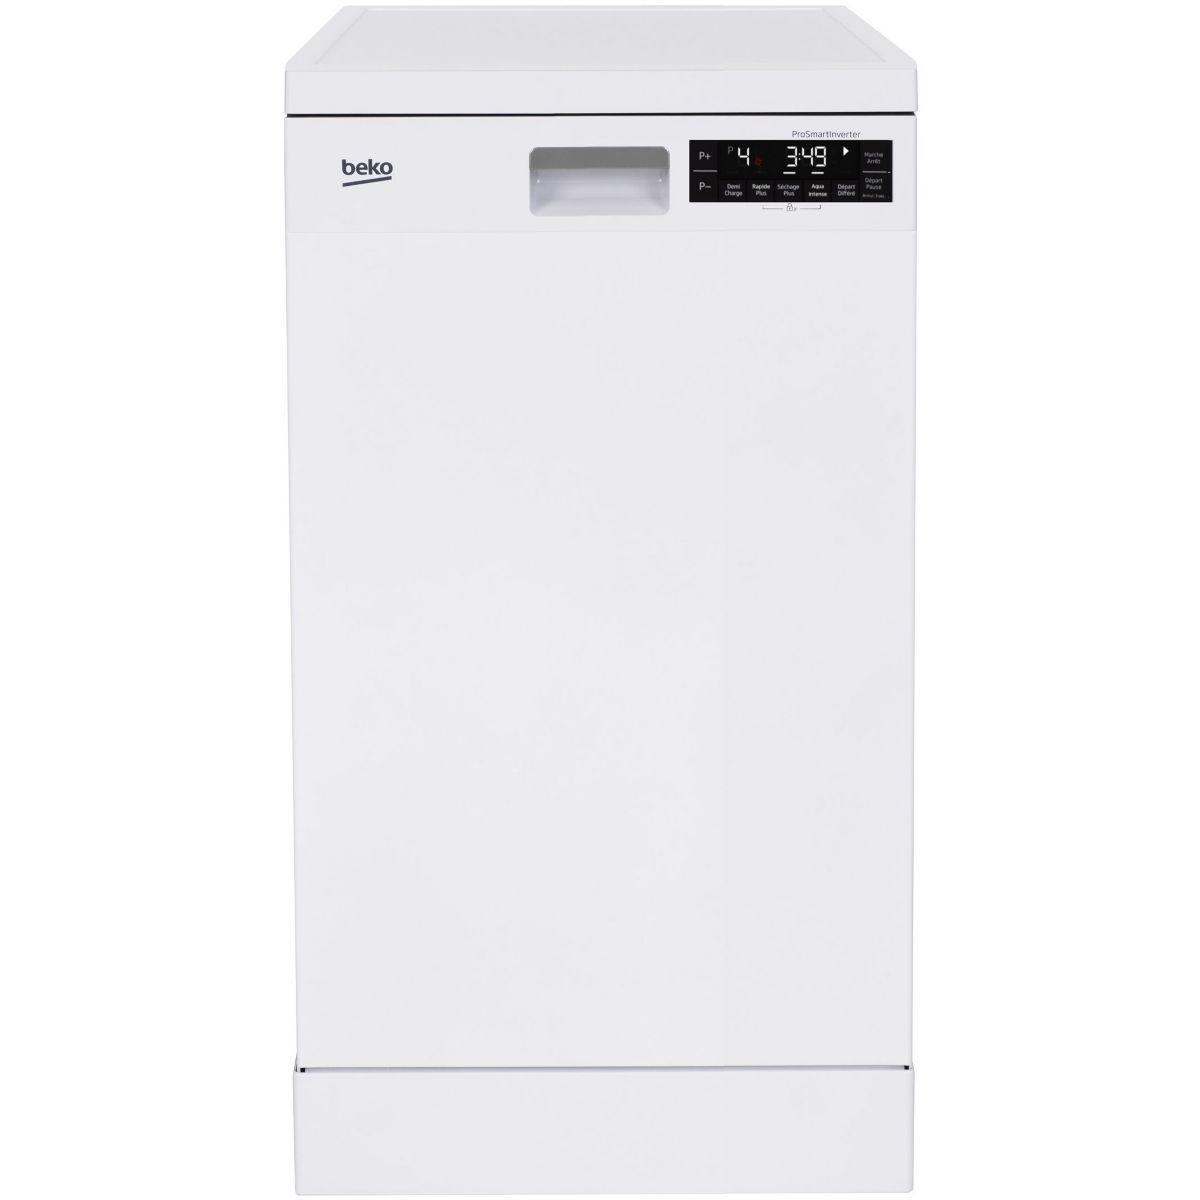 Lave vaisselle 45 cm beko dfs28120w - 10% de remise imm�diate avec le code : gam10 (photo)